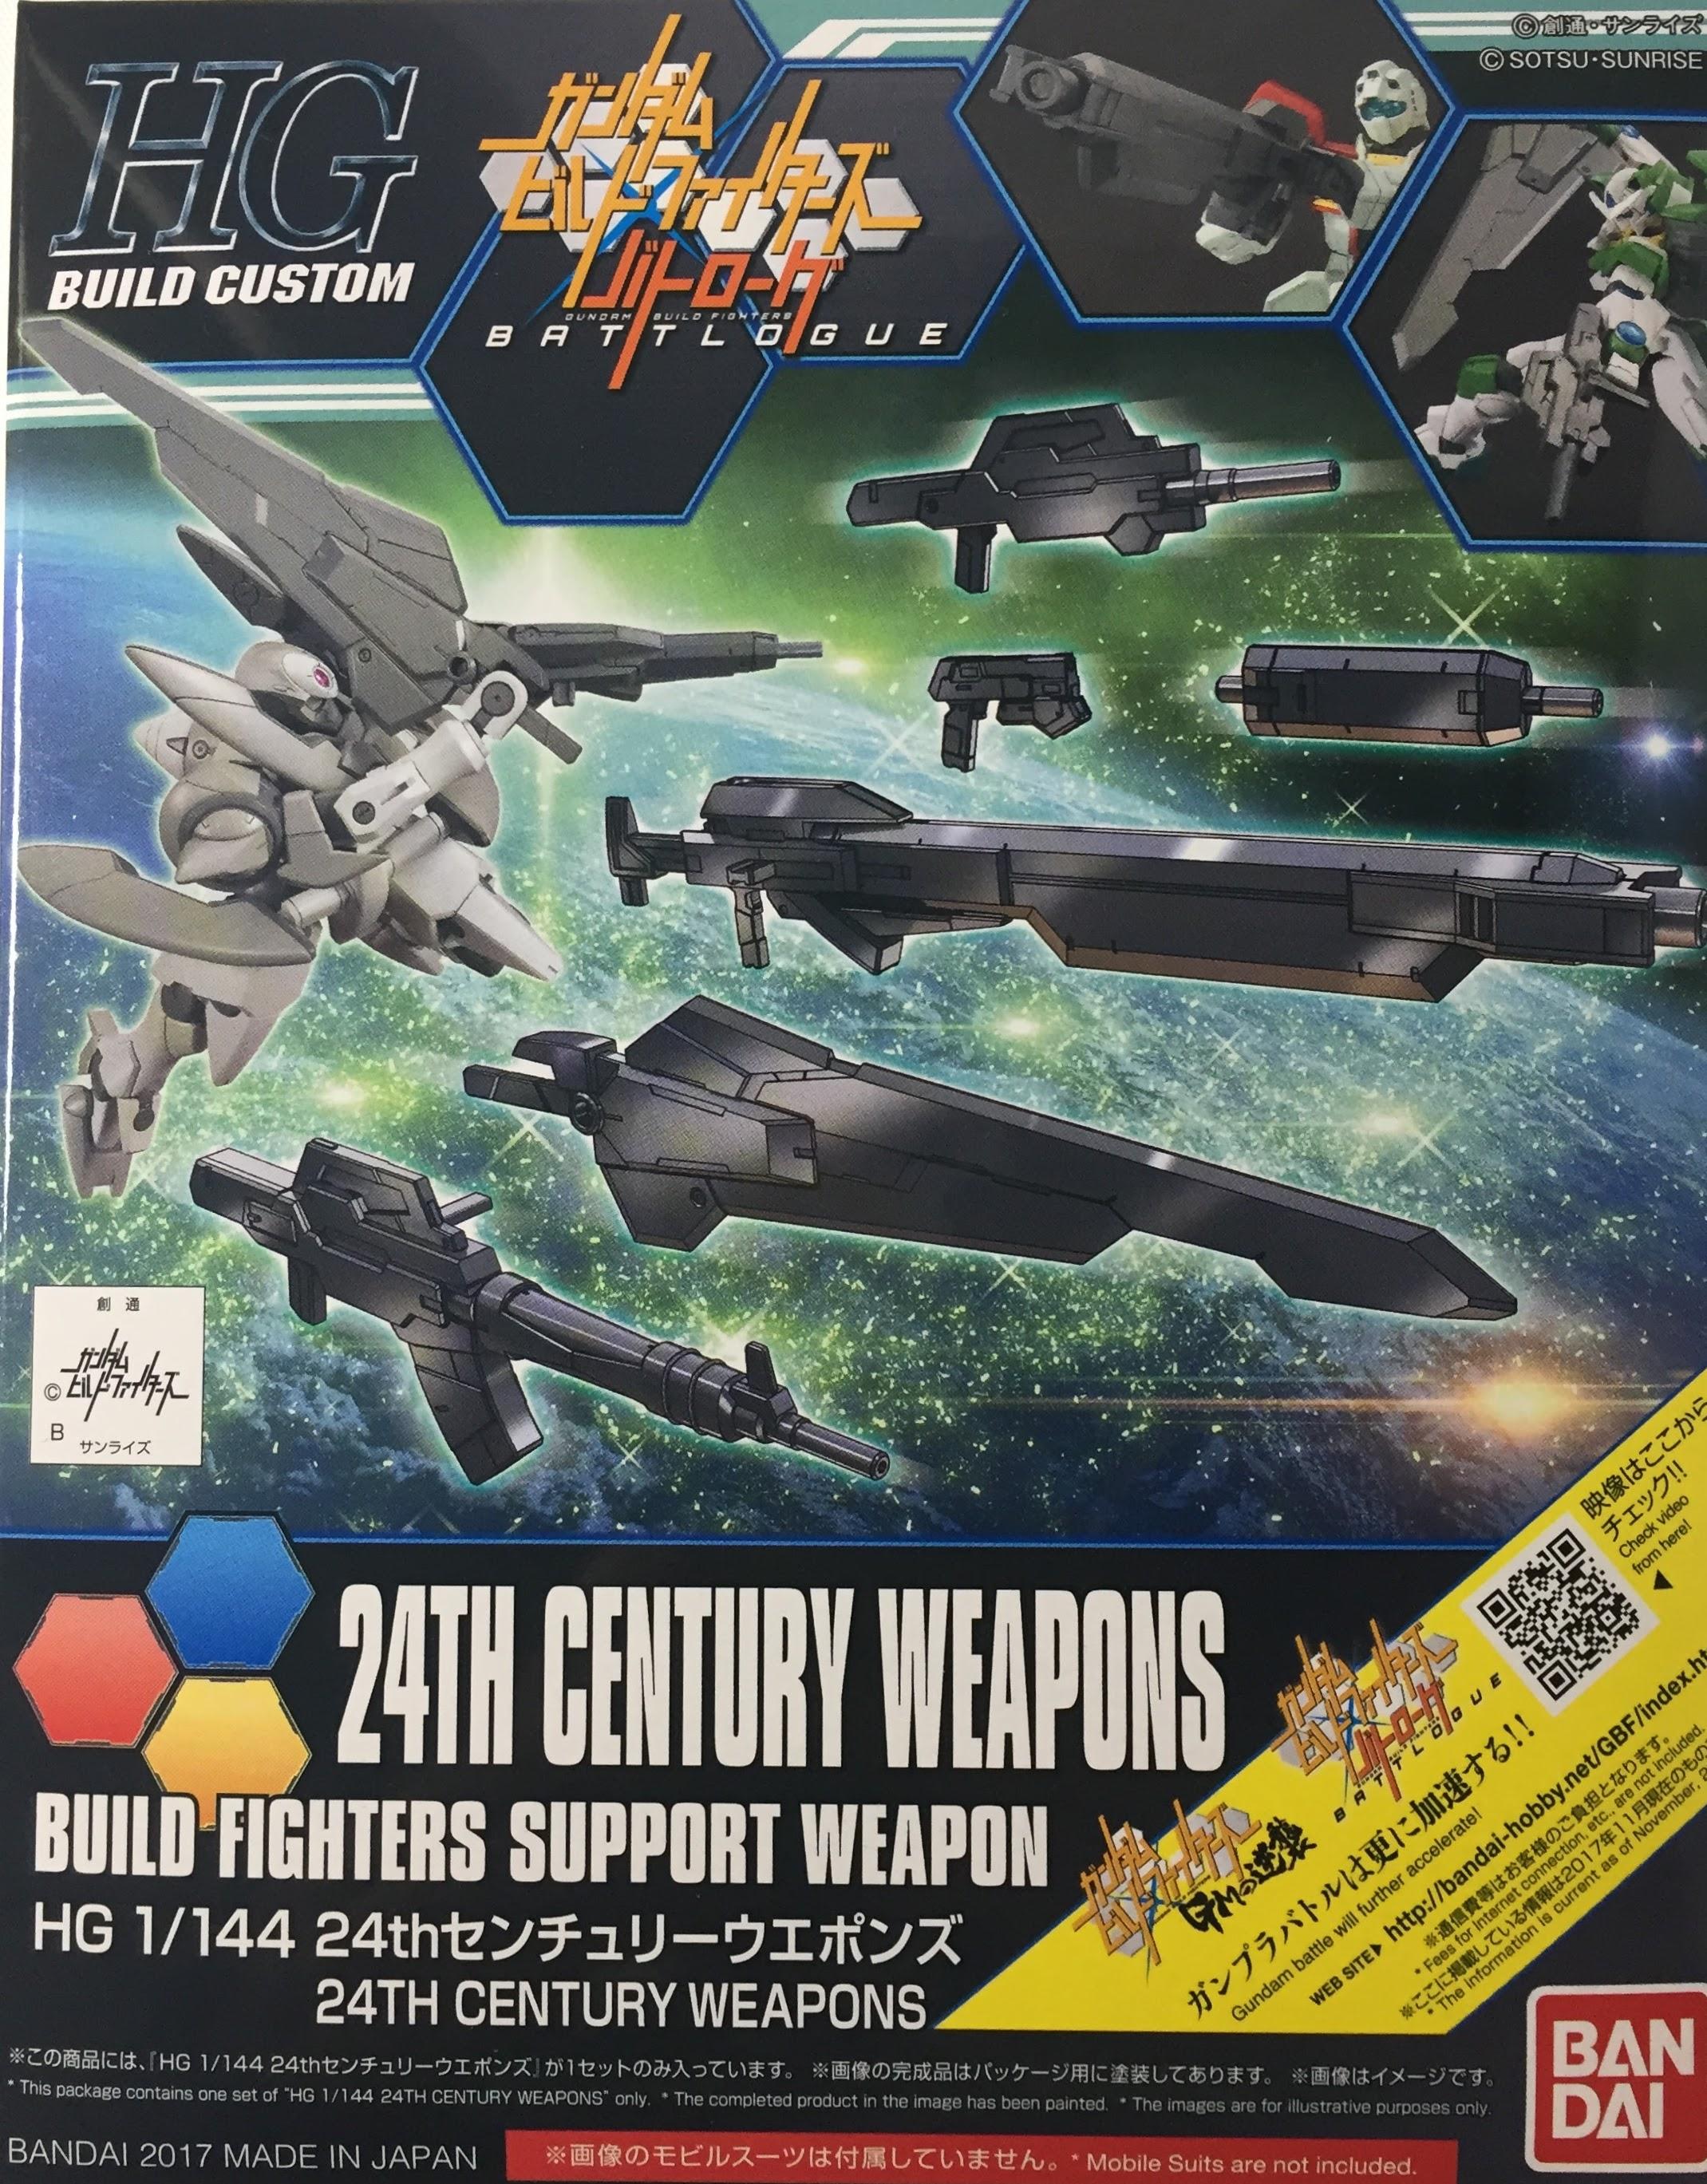 HG 032 1/144 24thセンチュリーウエポンズ 24th CENTURY WEAPONS ガンダム ビルドファイターズ バトローグ GUNDAM BUILD FIGHTERS BATTLOGUE CUSTOM